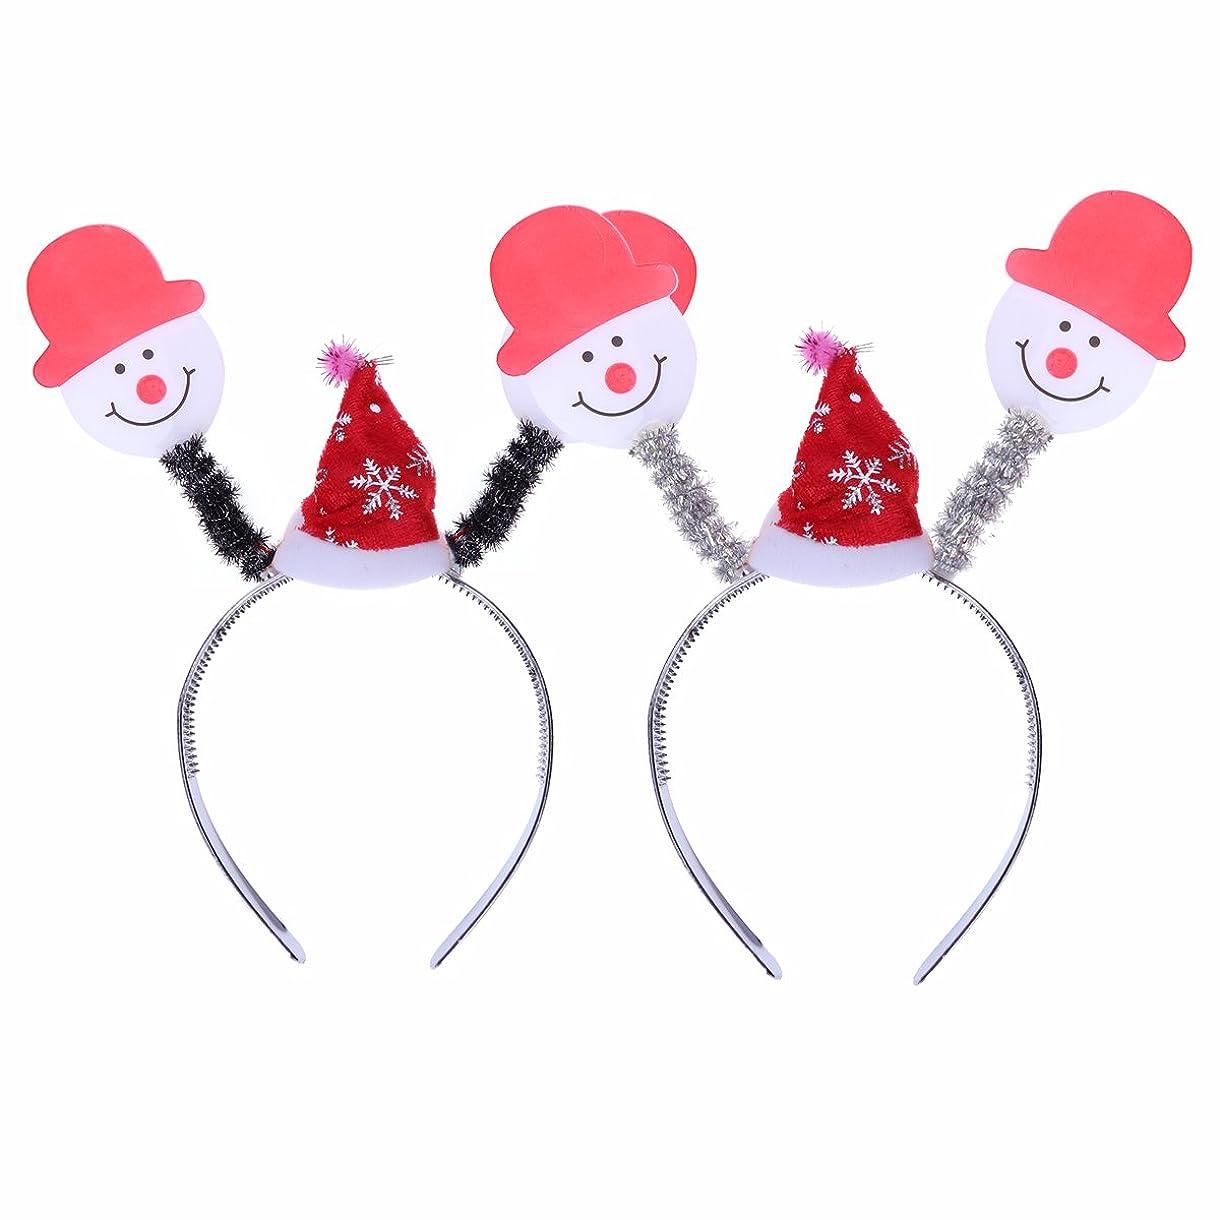 苦行例ポケットBESTOYARD 2本クリスマスヘッドボッパーヘアバンド光るヘッドバンドの髪のフープの衣装アクセサリーパーティーの好意(雪だるま)